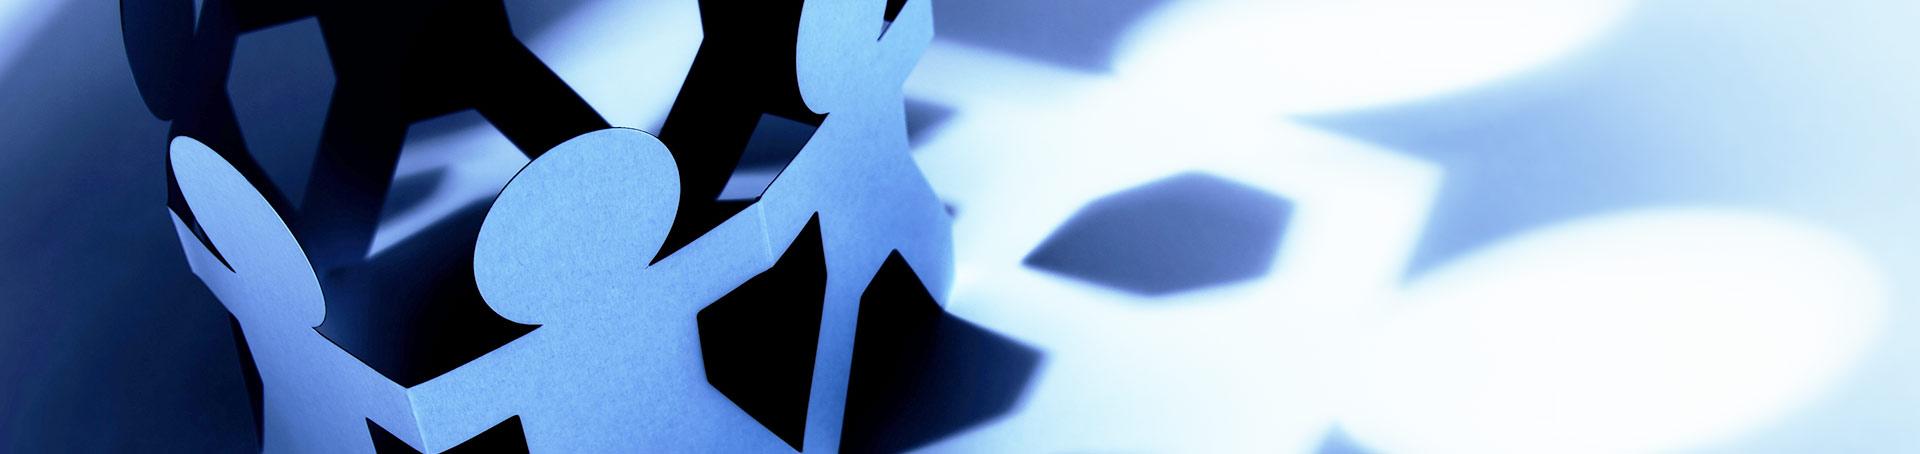 Blue Shadow Marketing